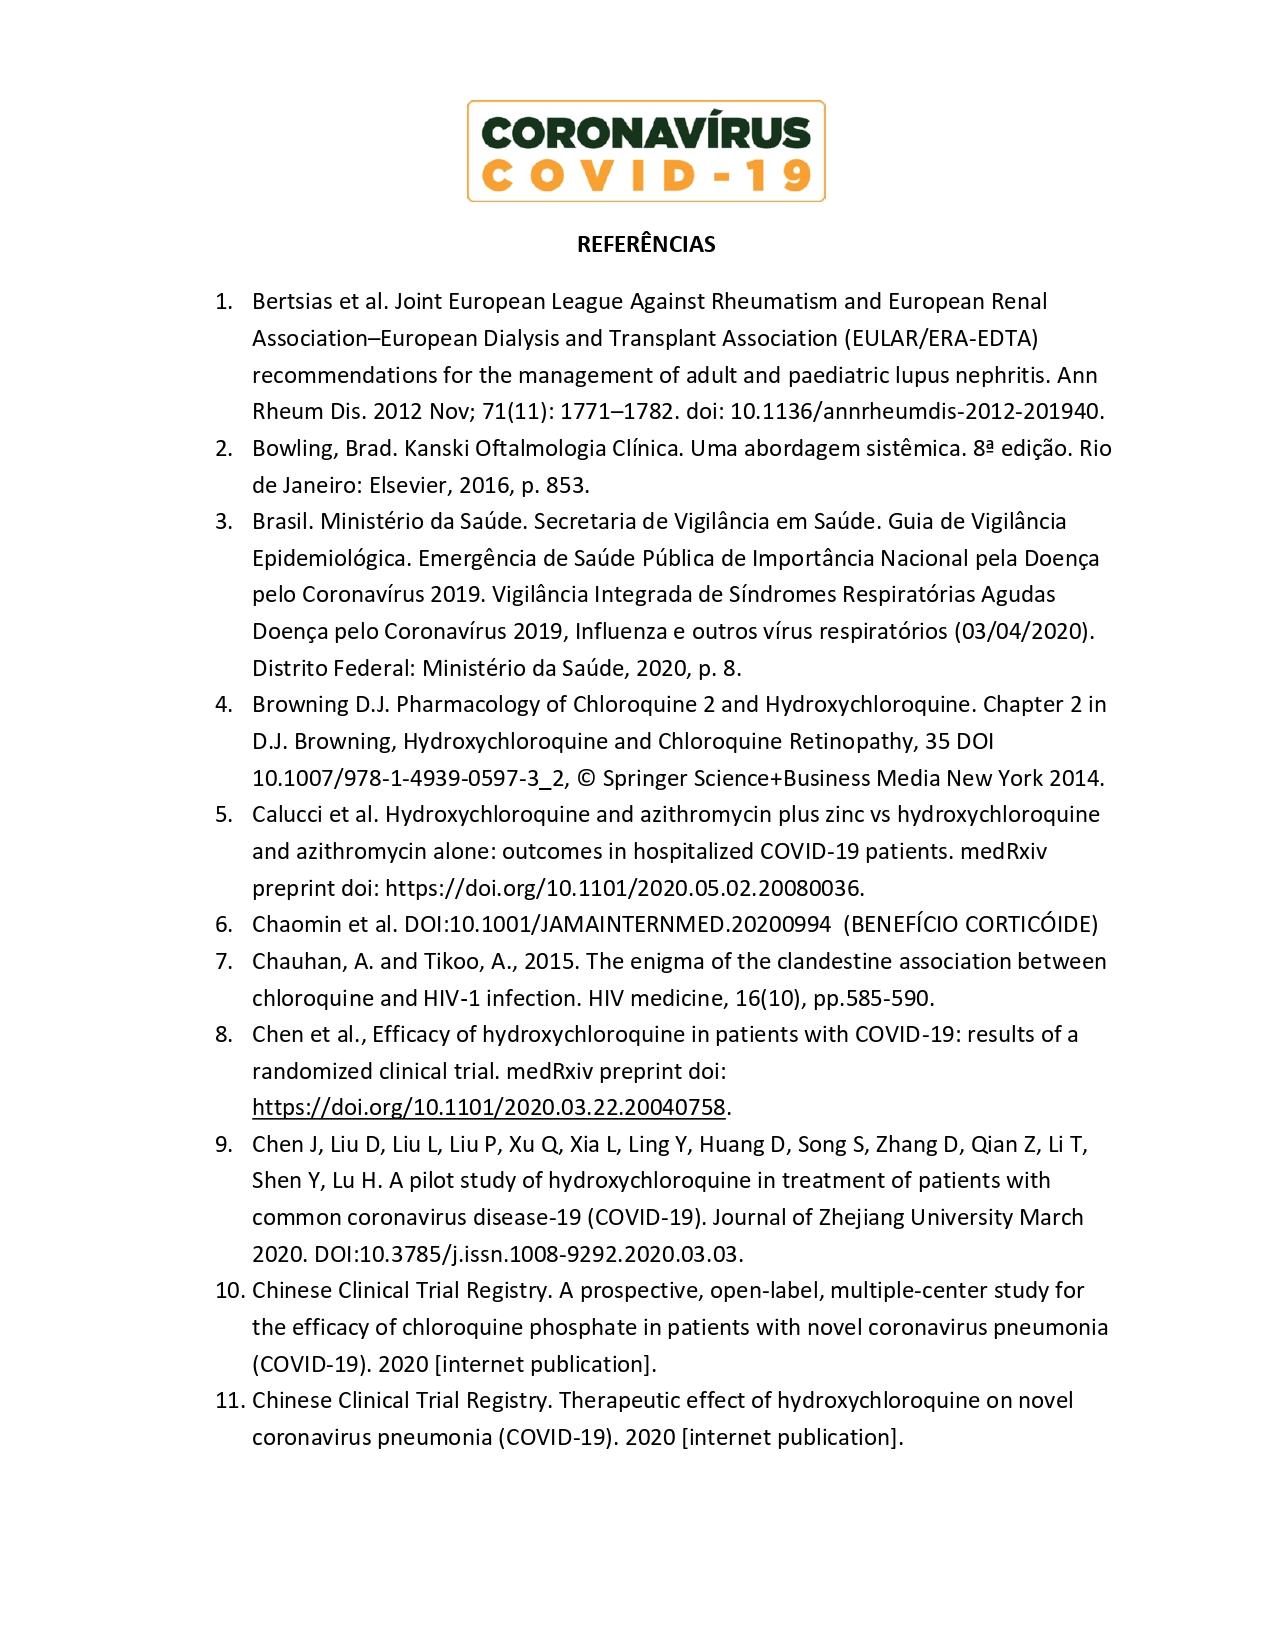 ORIENTAÇÕES DO MINISTÉRIO DA SAÚDE - hidroxi.cloroquina_page-0008